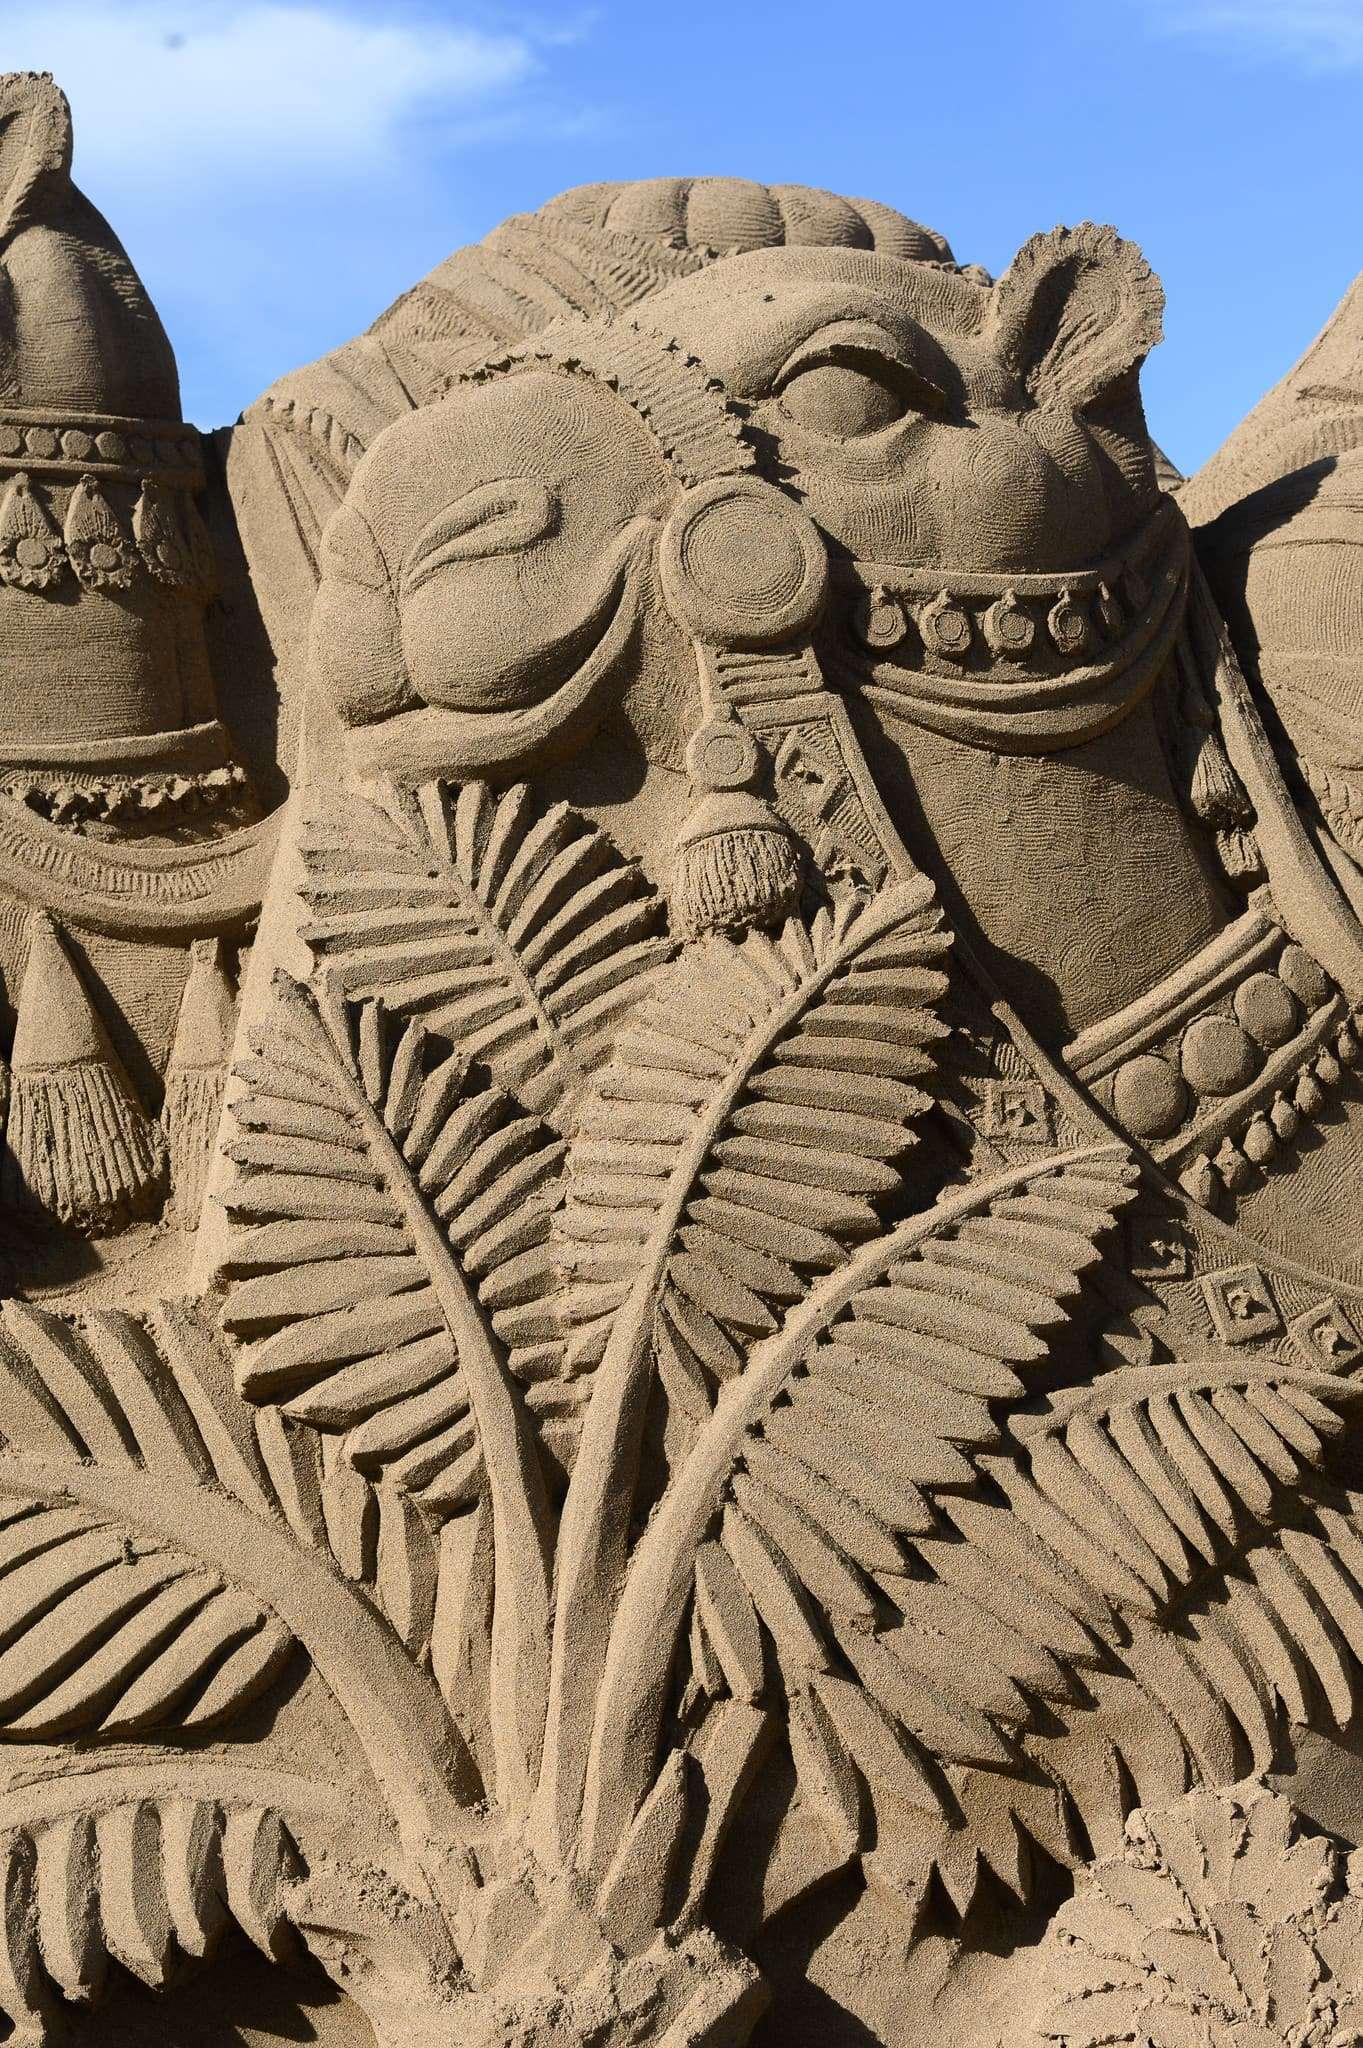 Un original Belén de arena para la navidad en Gran Canaria 79